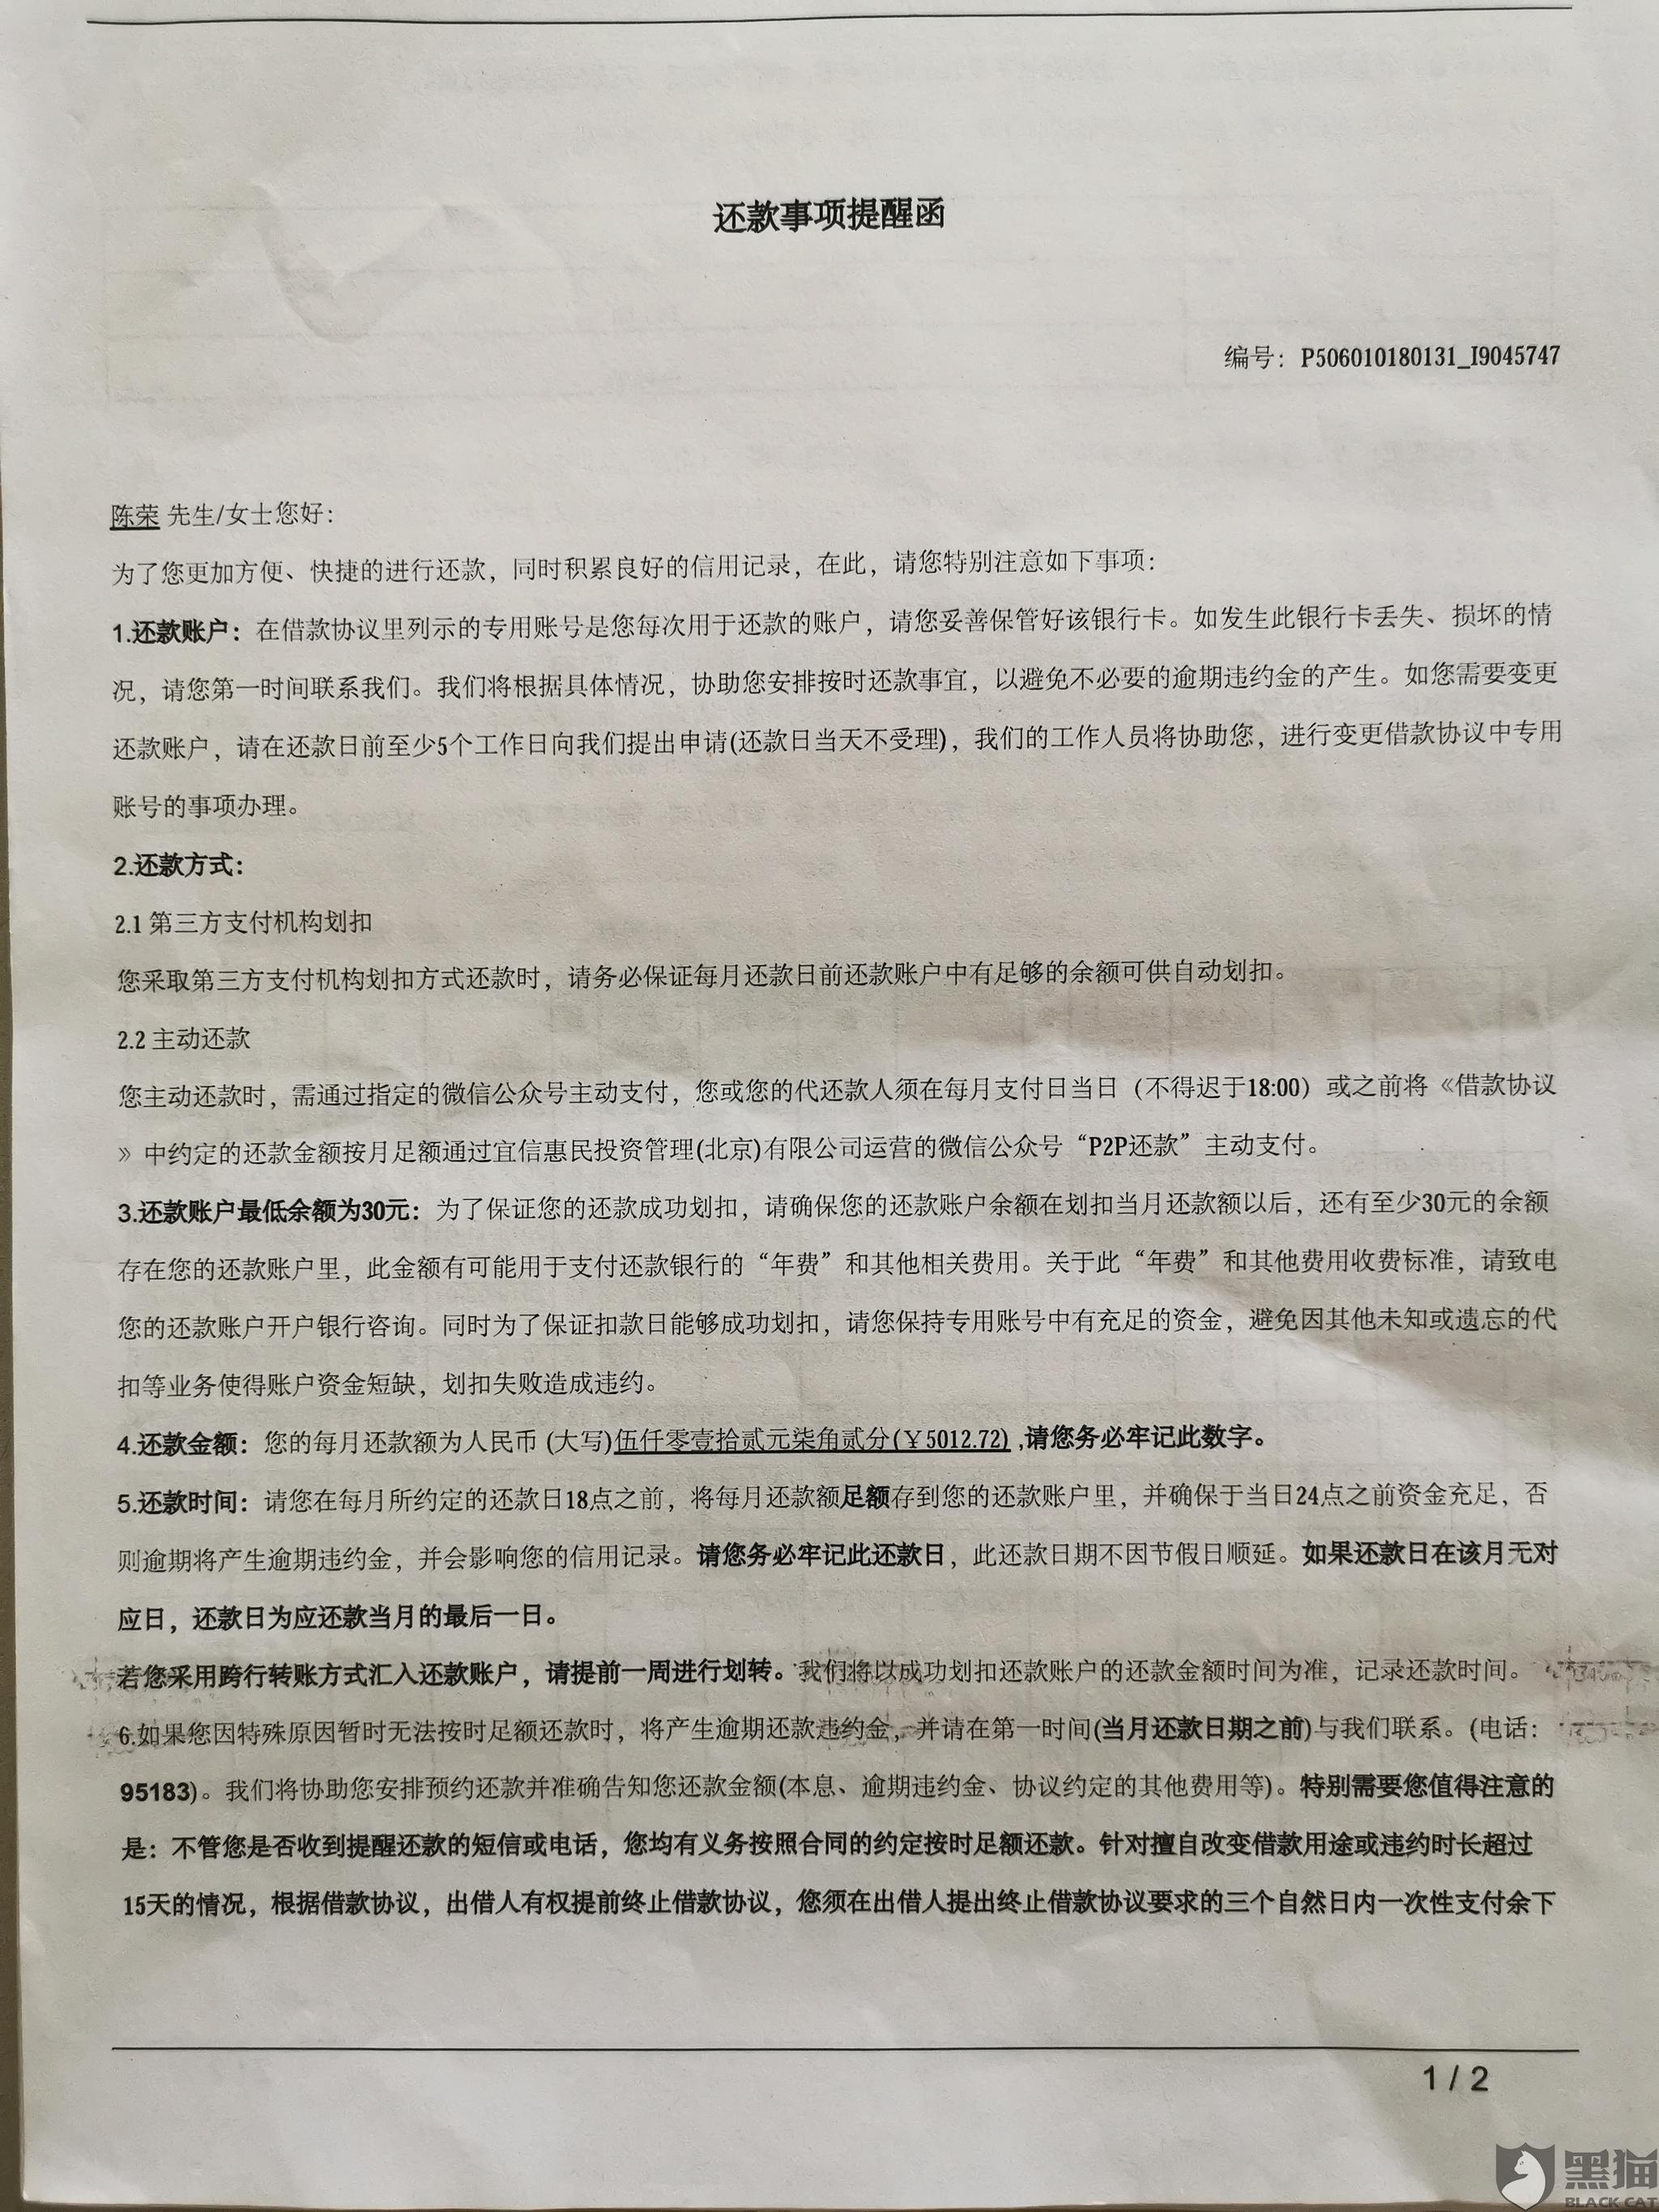 黑猫投诉:宜信普惠利用国家明令禁止在借款合同中非法添加保险、咨询费、管理费等不明项目